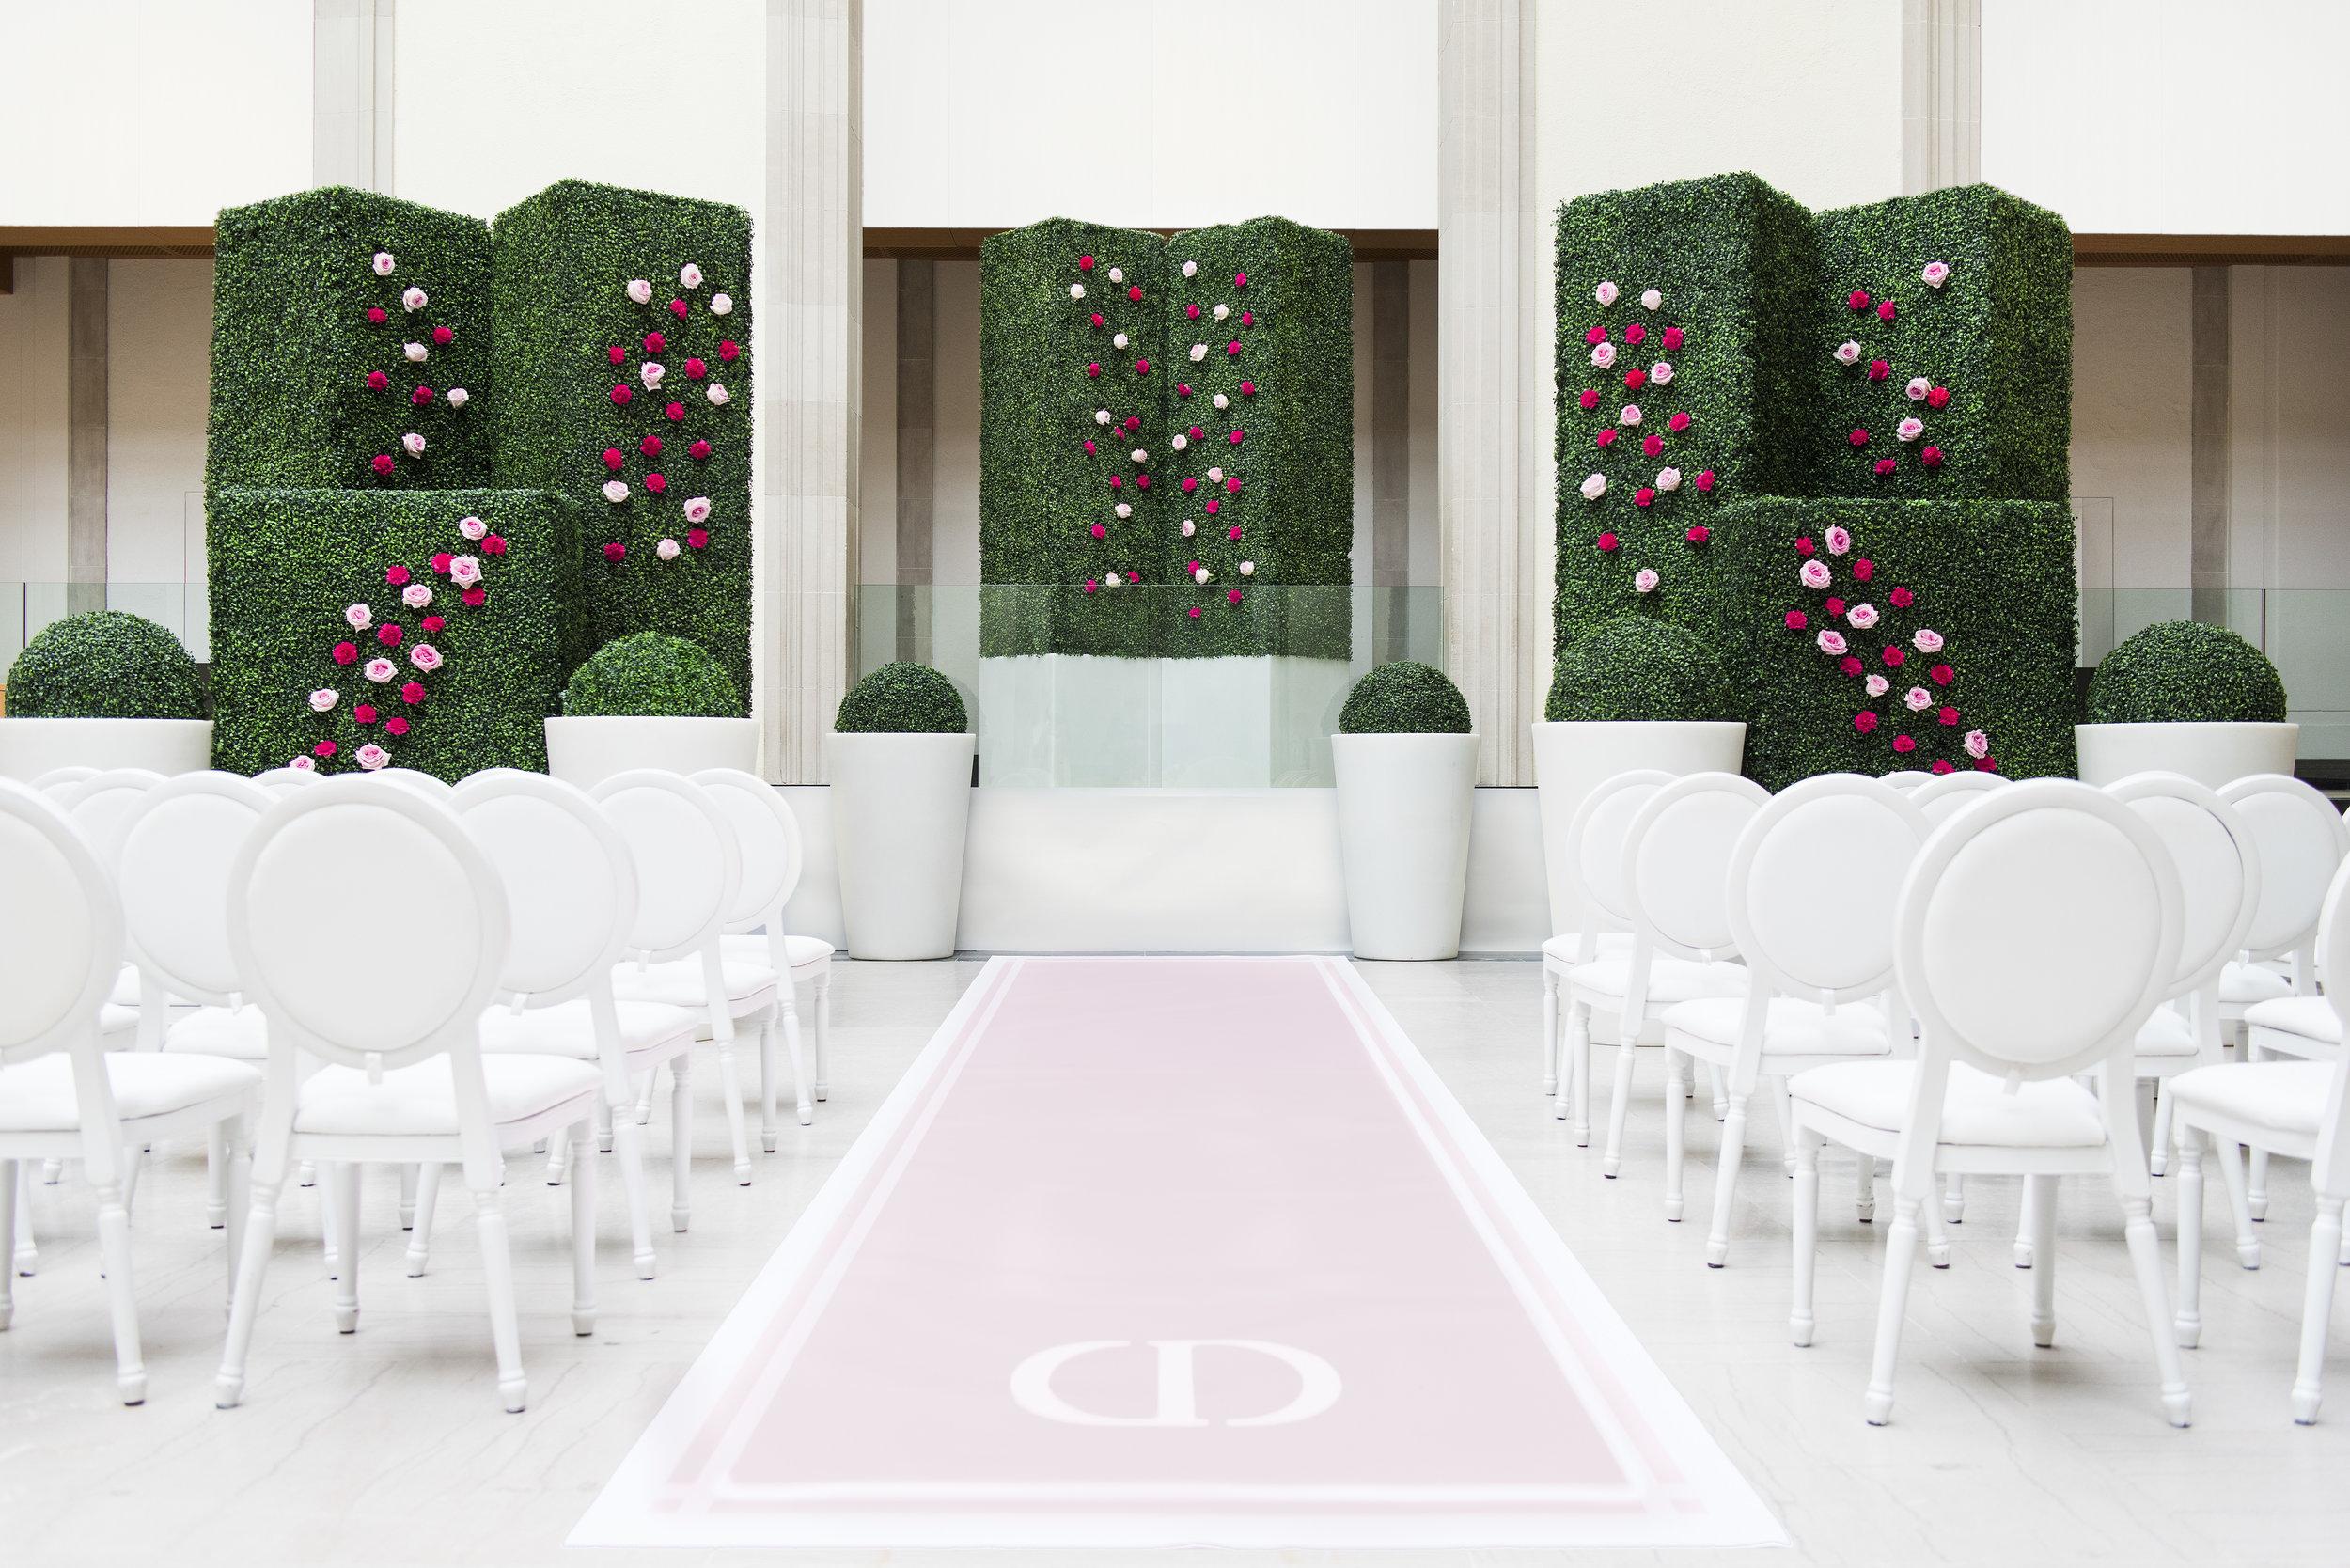 August In Bloom - Garden ceremony - Dior Darling (Wedluxe)